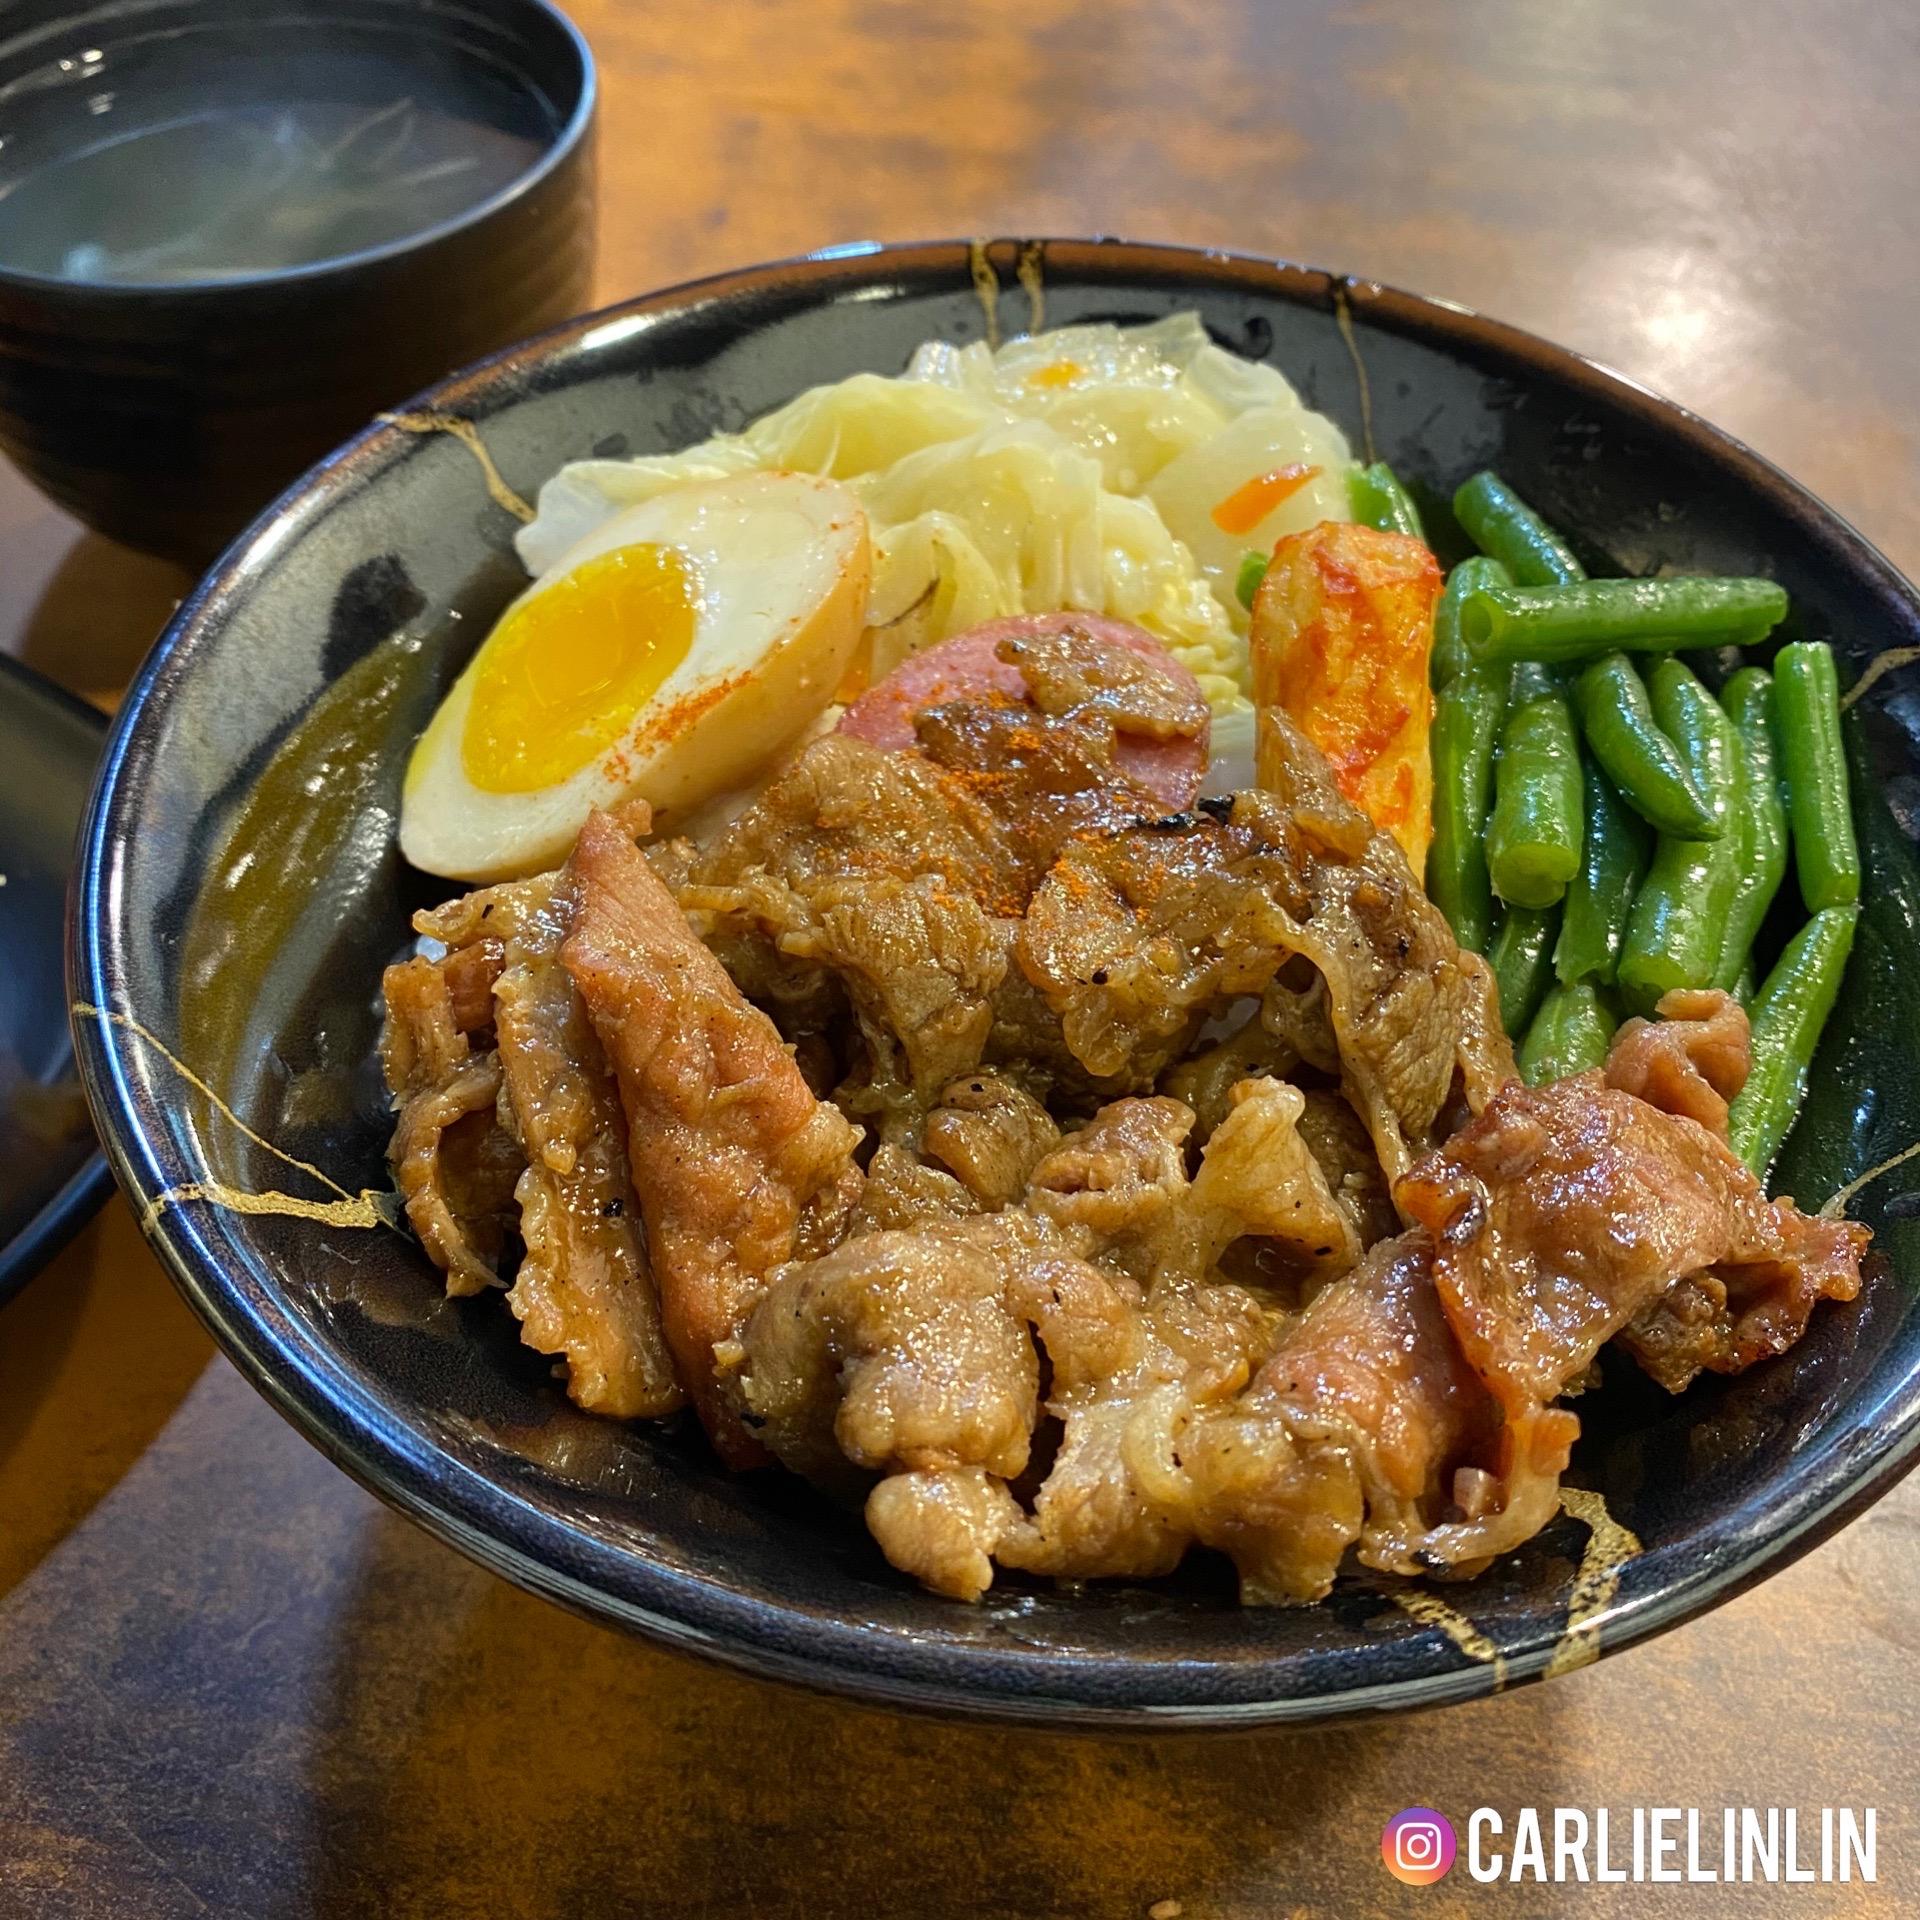 小0食記|信義區平價銅板美食|永吉路30巷烤師傅|招牌烤肉飯、麻辣甜不辣串、海帶湯